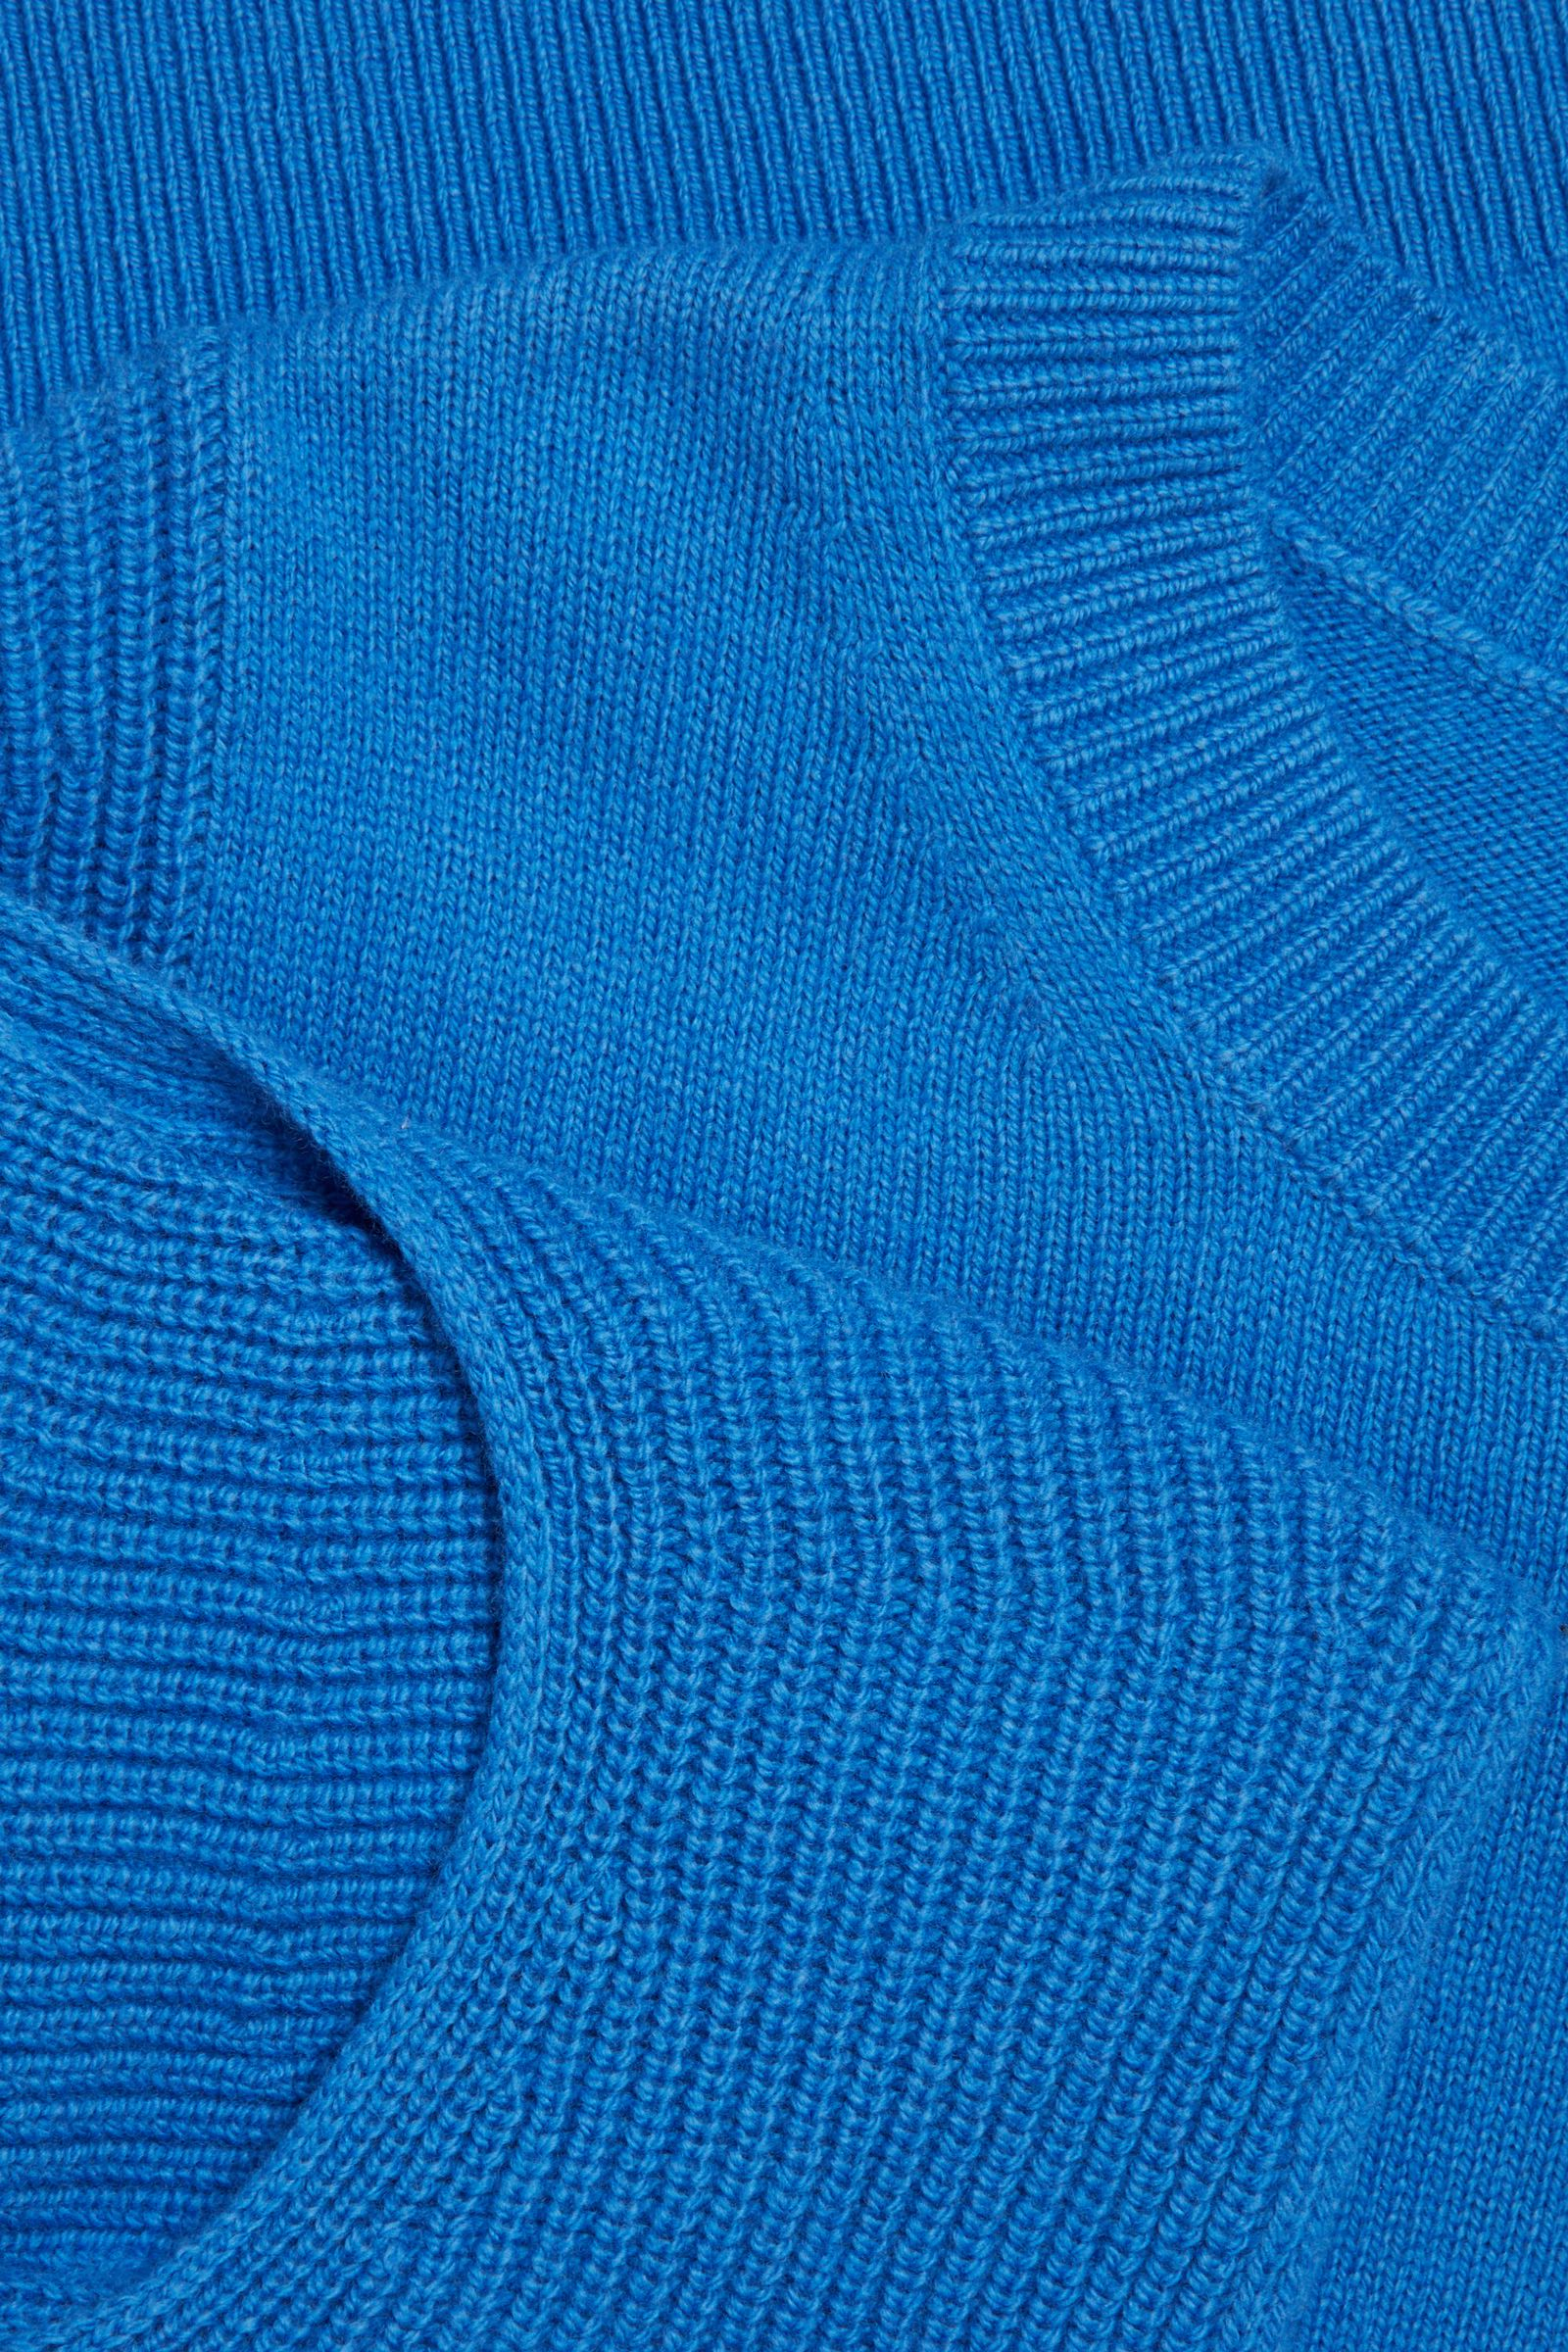 COS 오가닉 코튼 울 믹스 트위스티드 슬리브 니티드 탑의 블루컬러 Detail입니다.